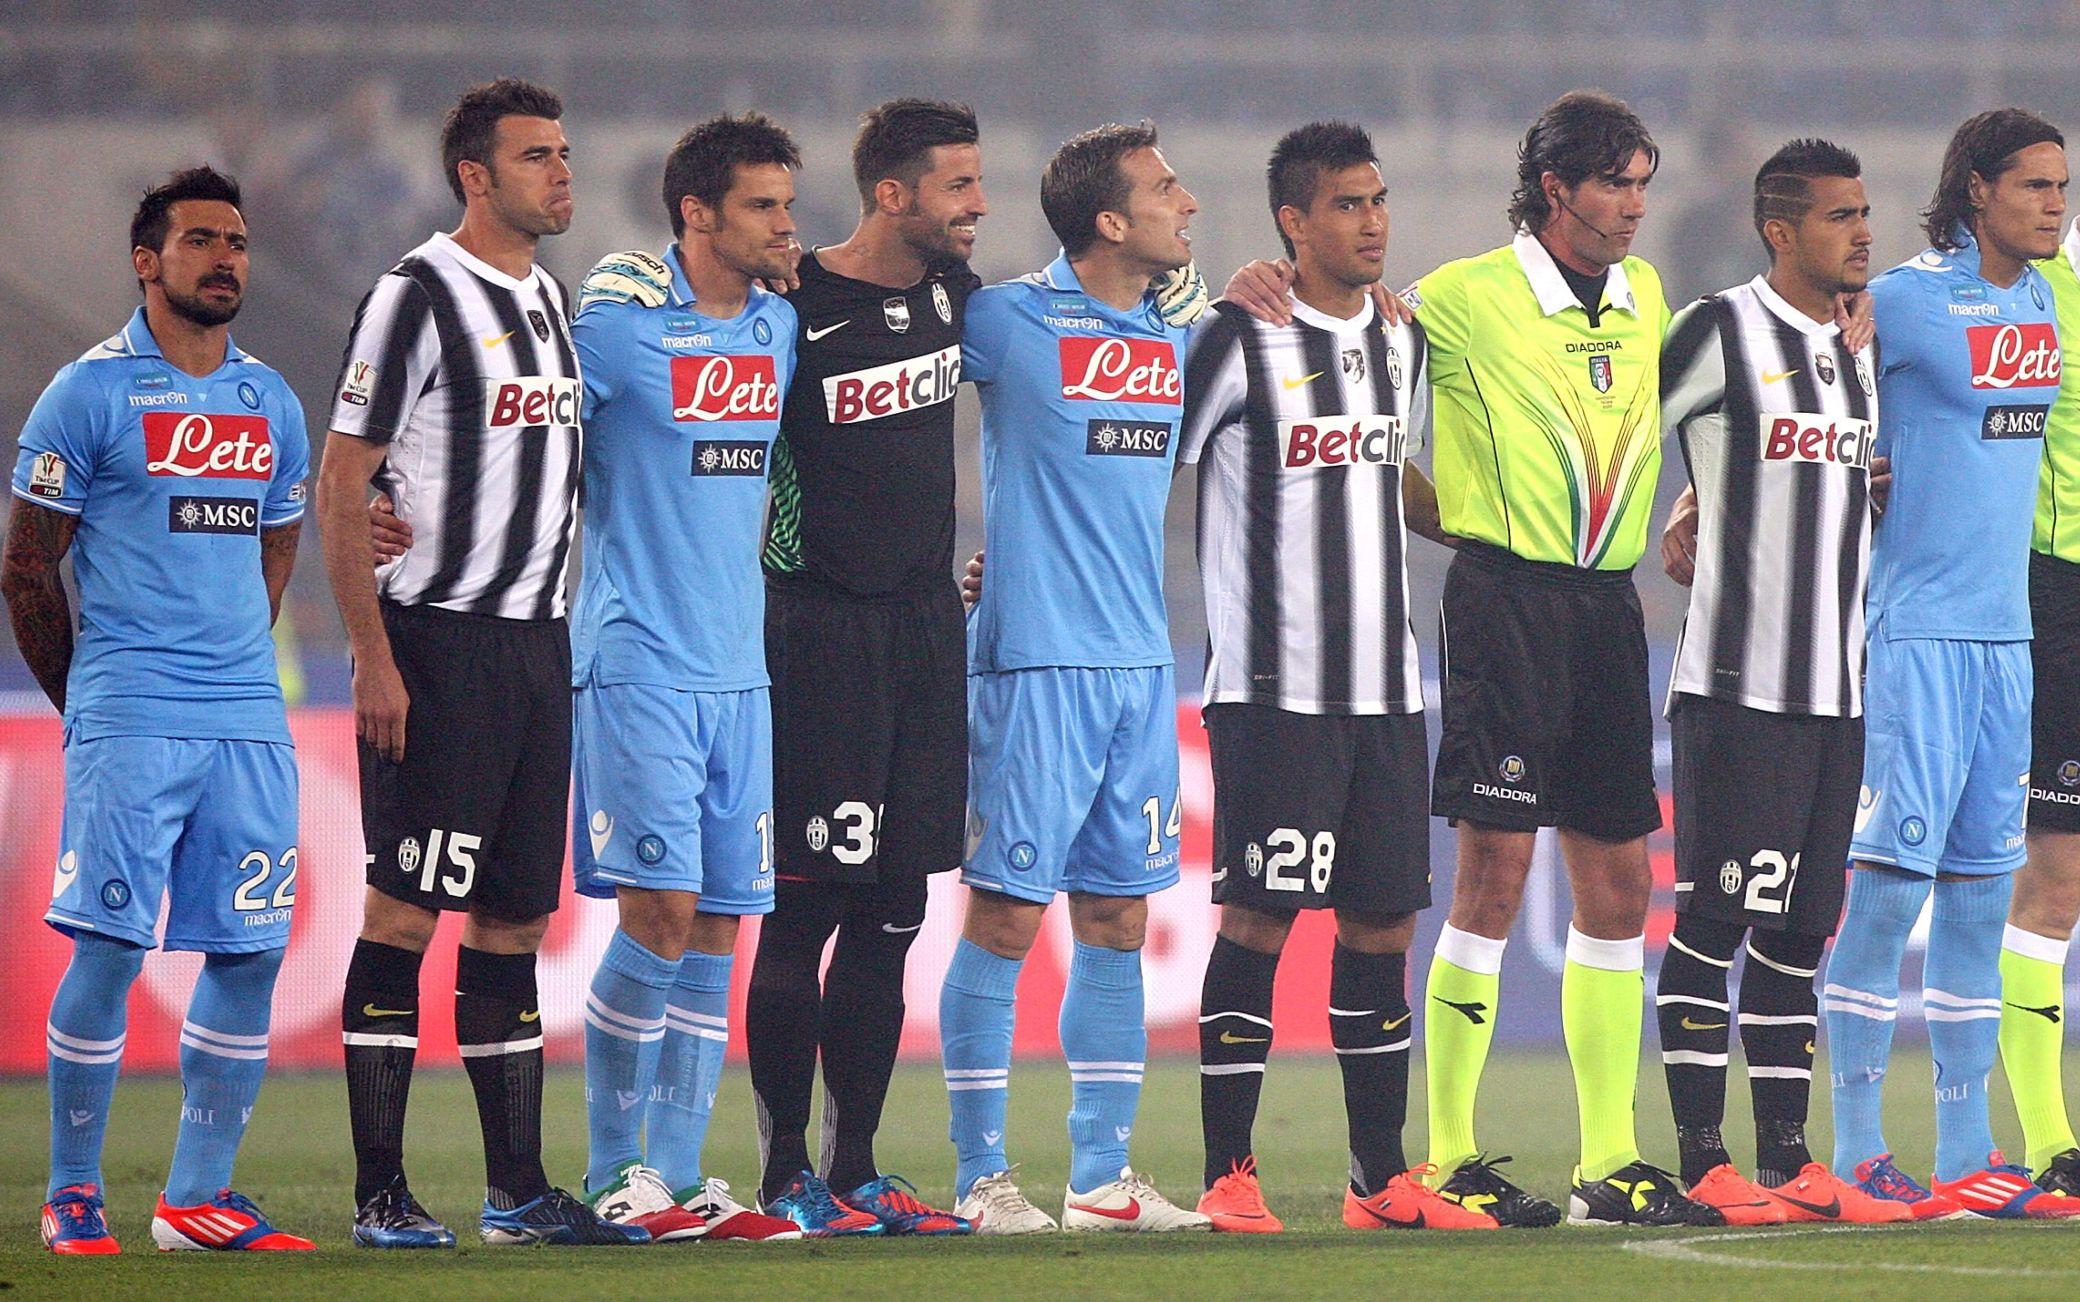 Napoli-Juve, chi erano i giocatori dell'ultima finale di Coppa Italia del  2012?